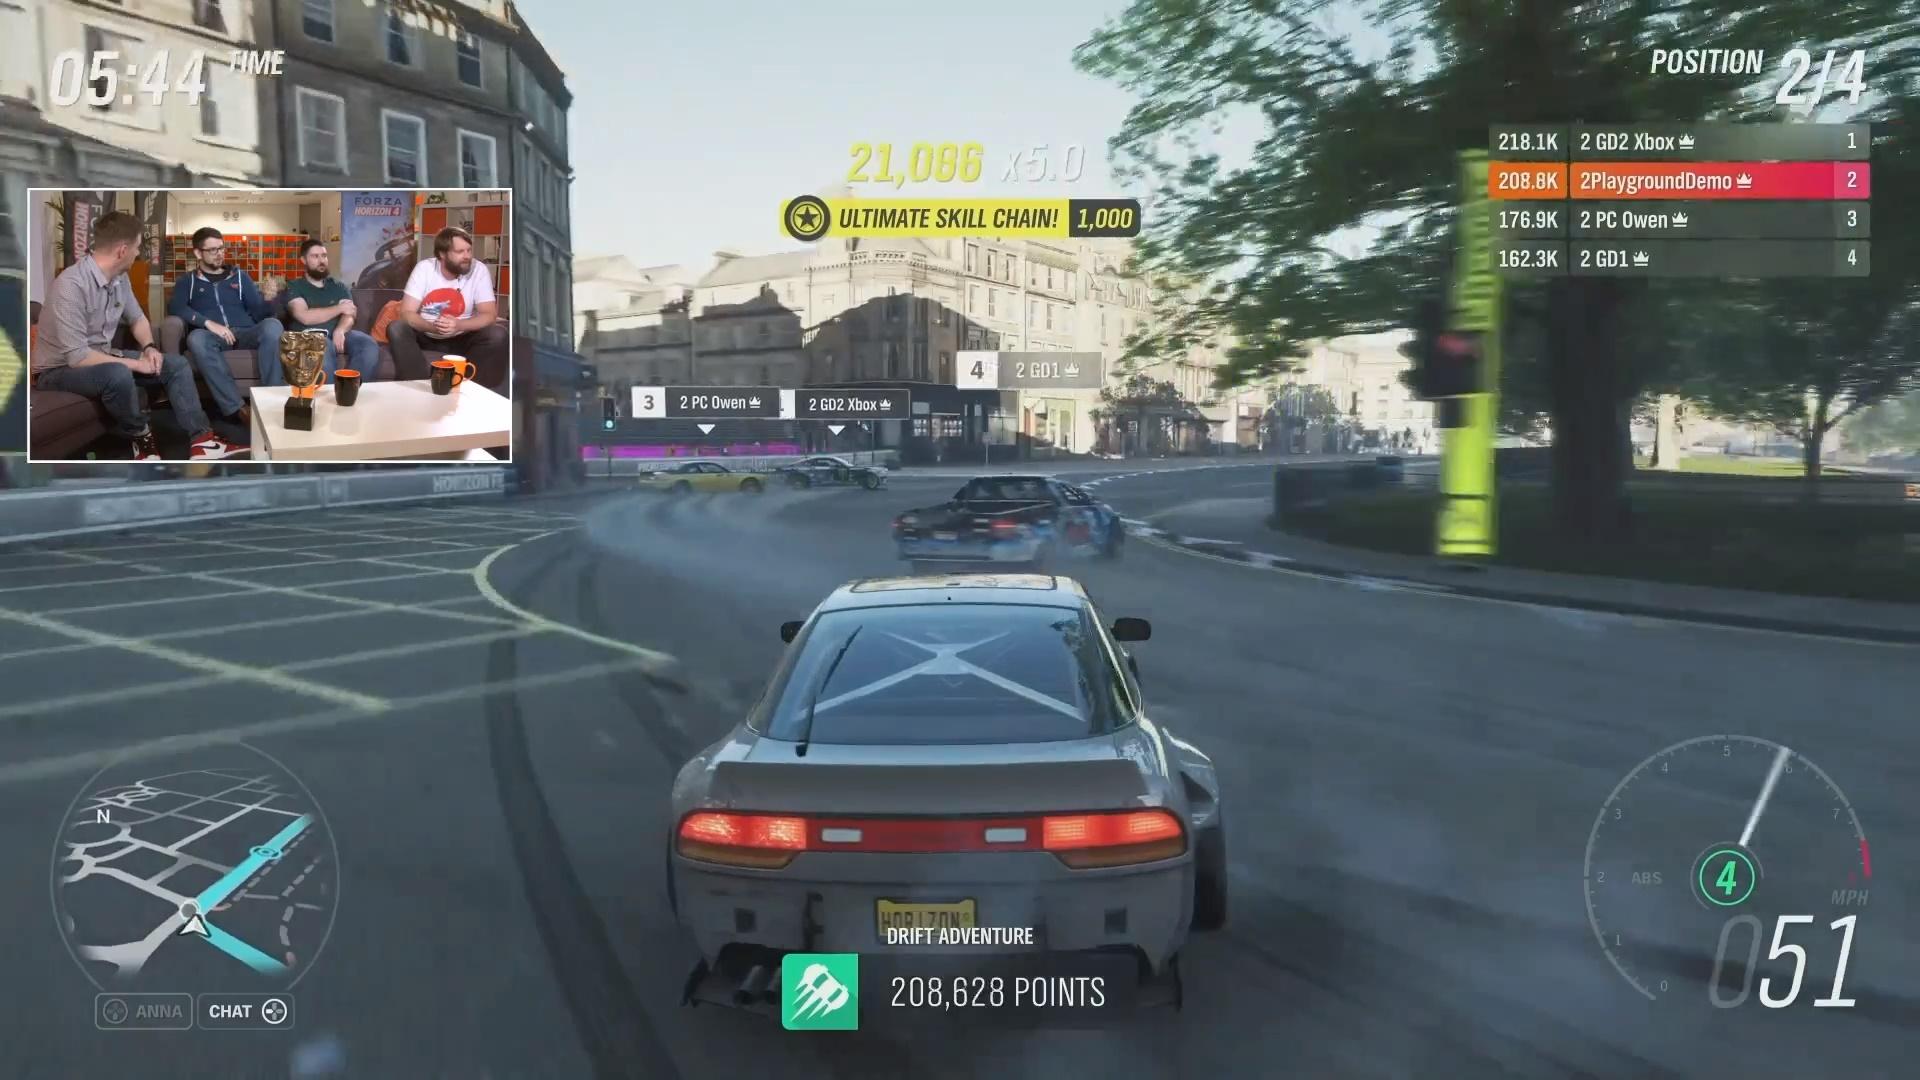 Forza Horizon 4 Update 8 Adds New Free Cars, Drift Adventure